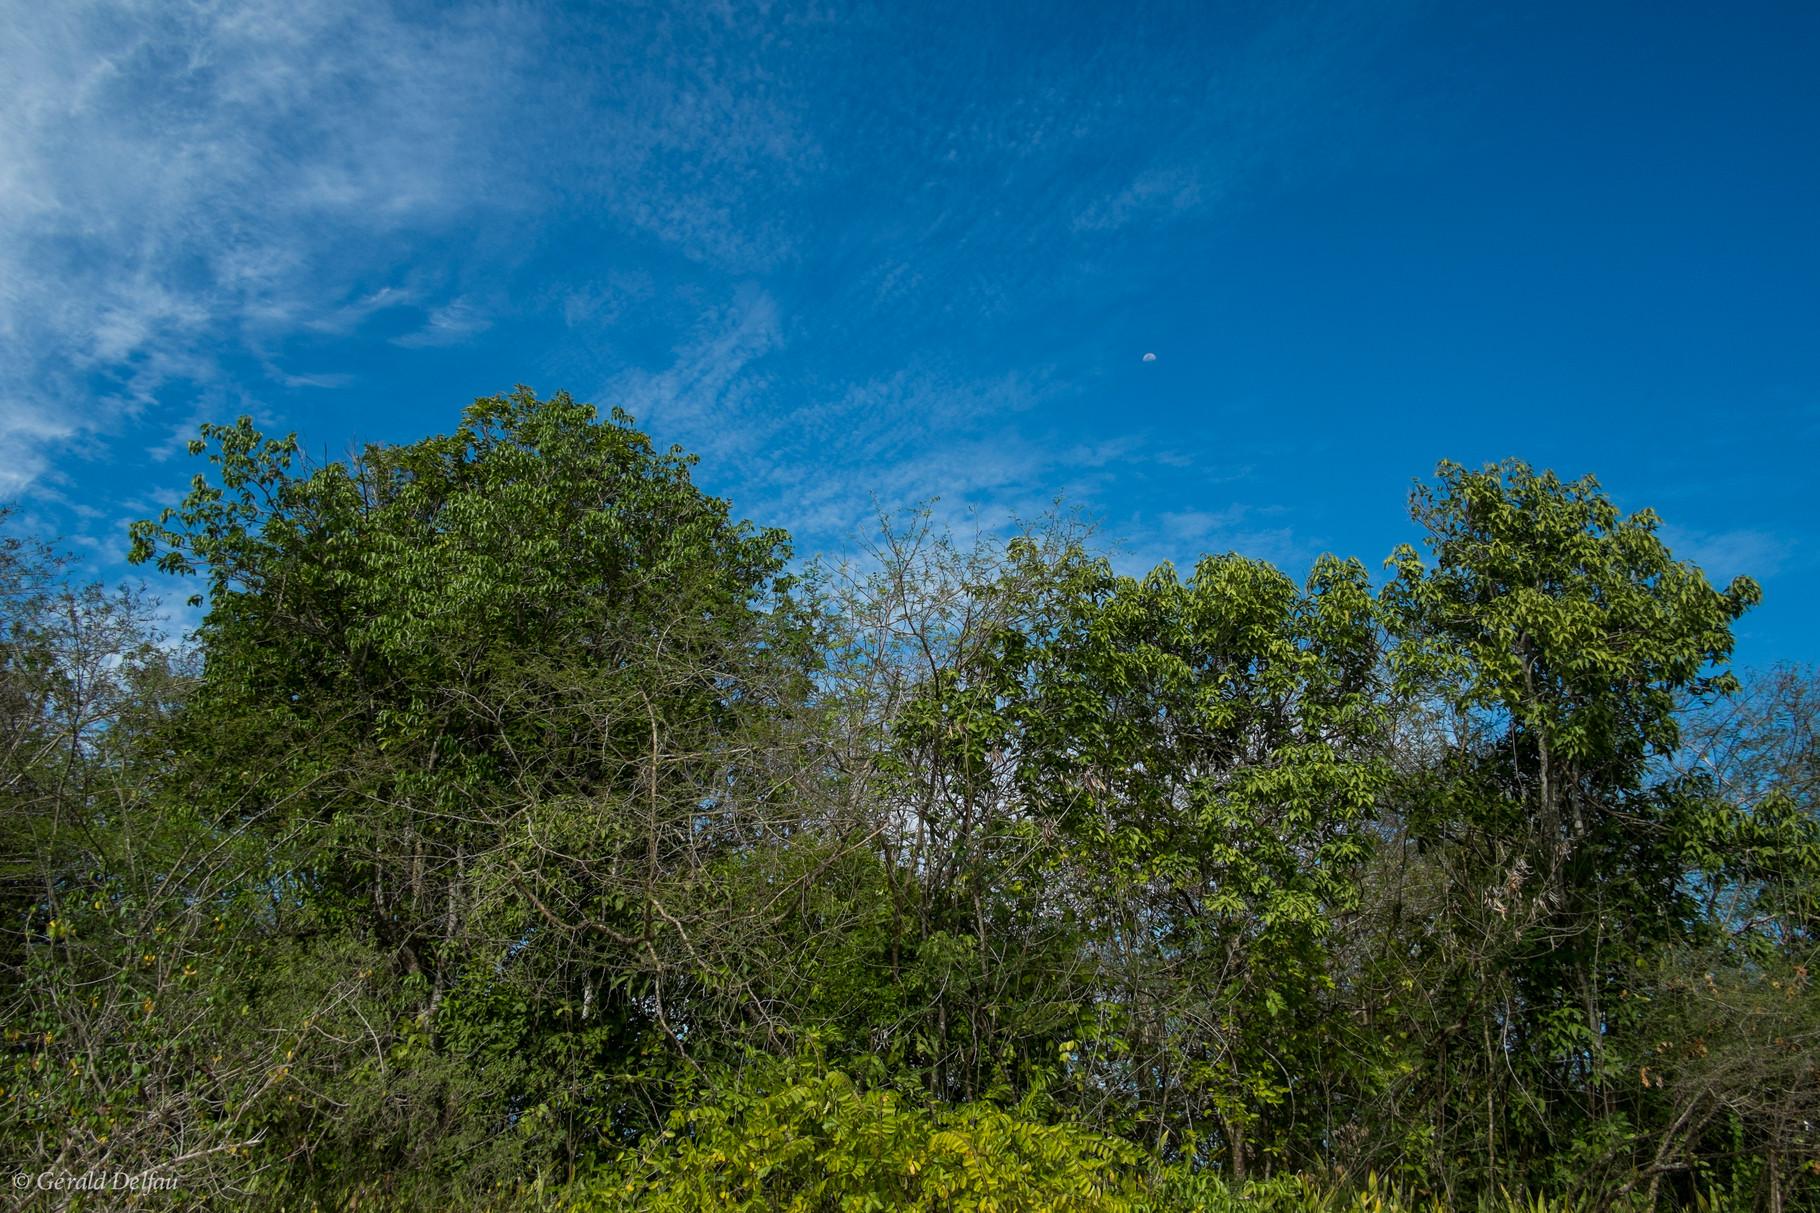 Végétation de la mangrove de Port-Louis, Guadeloupe